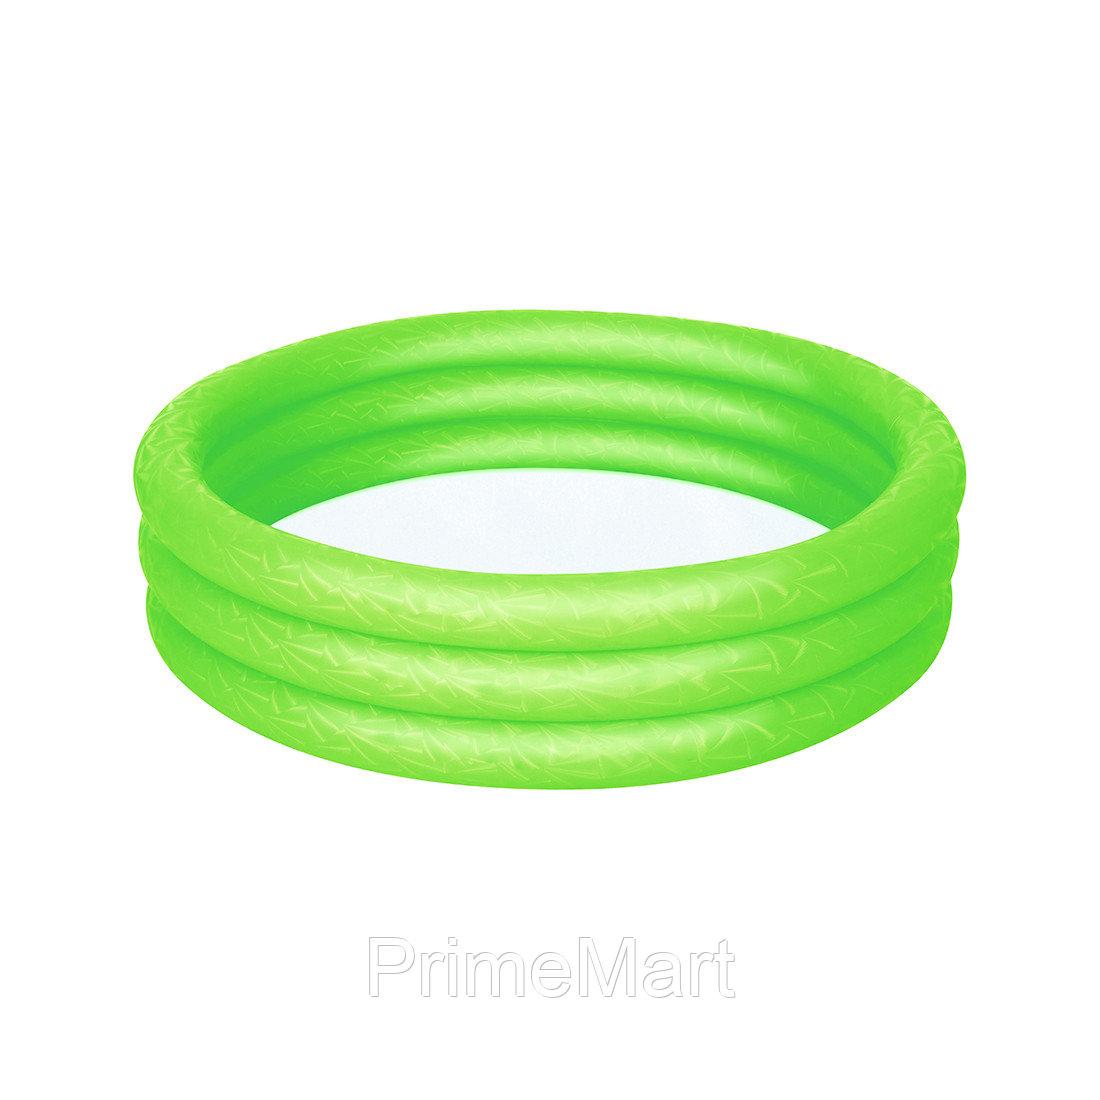 Детский надувной бассейн Play 102 х 25 см, BESTWAY, 51024, Винил, 101л., 2+, Красный/Зеленый/Синий в ассортименте, Пакет